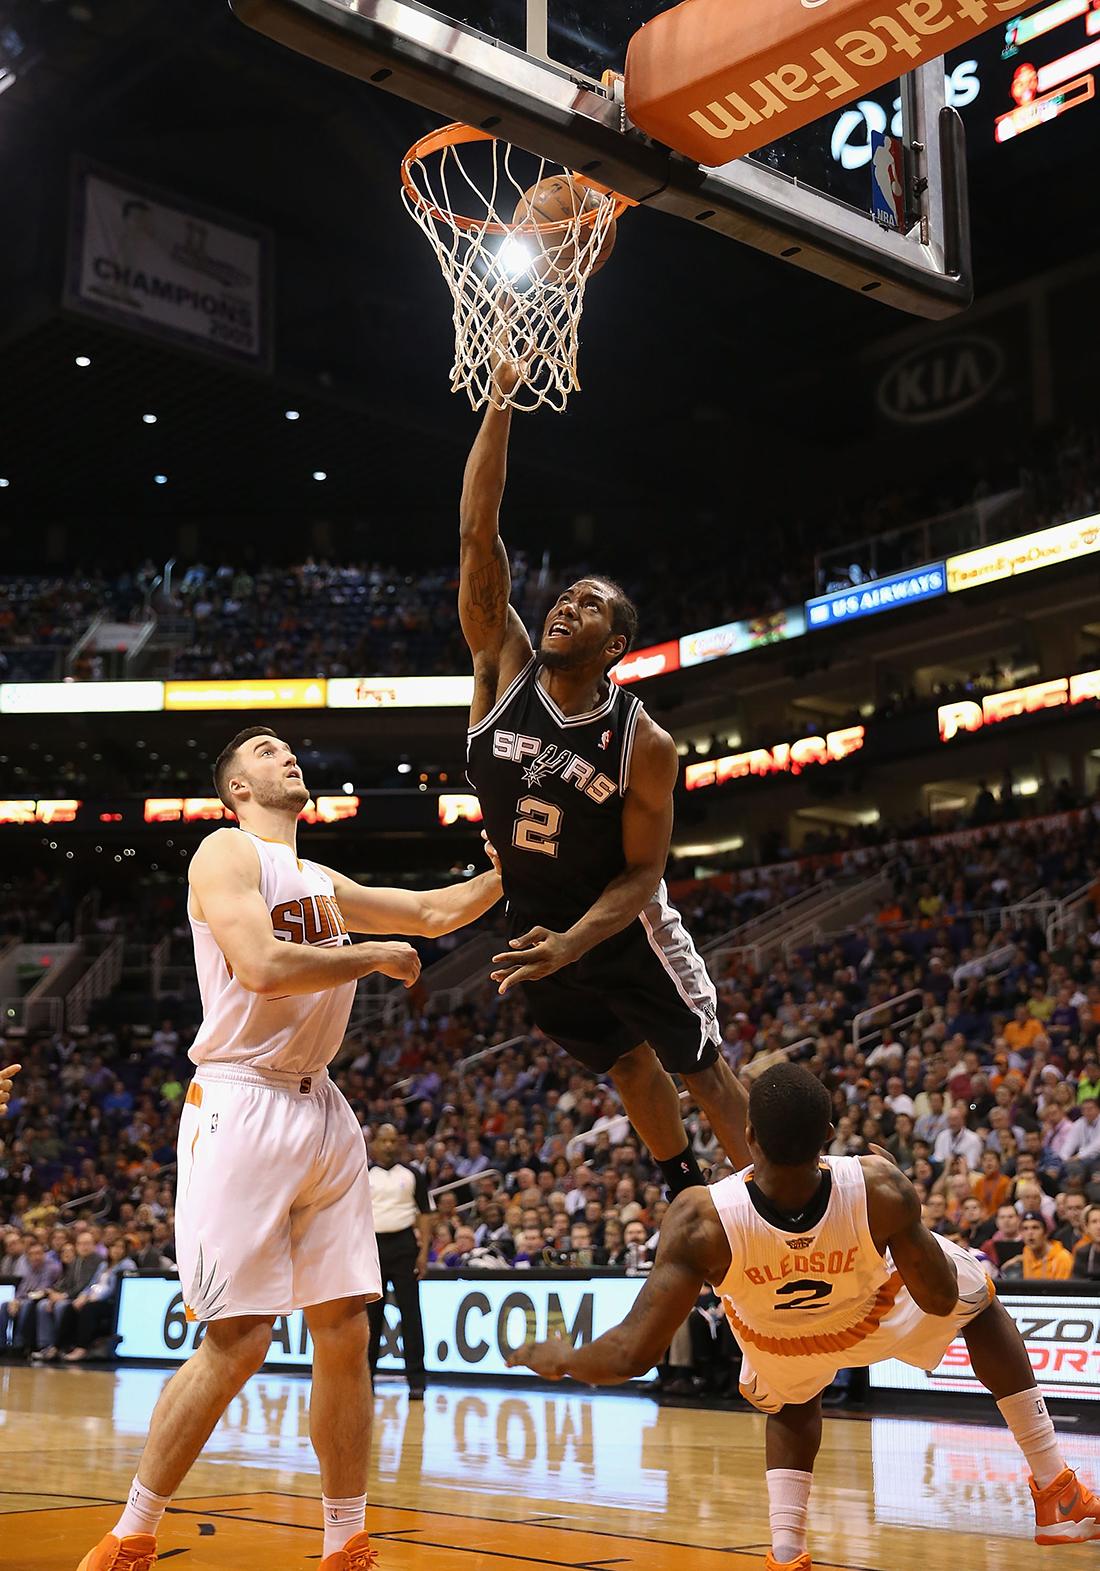 la lesion de Kawhi Leornard en viva basquet